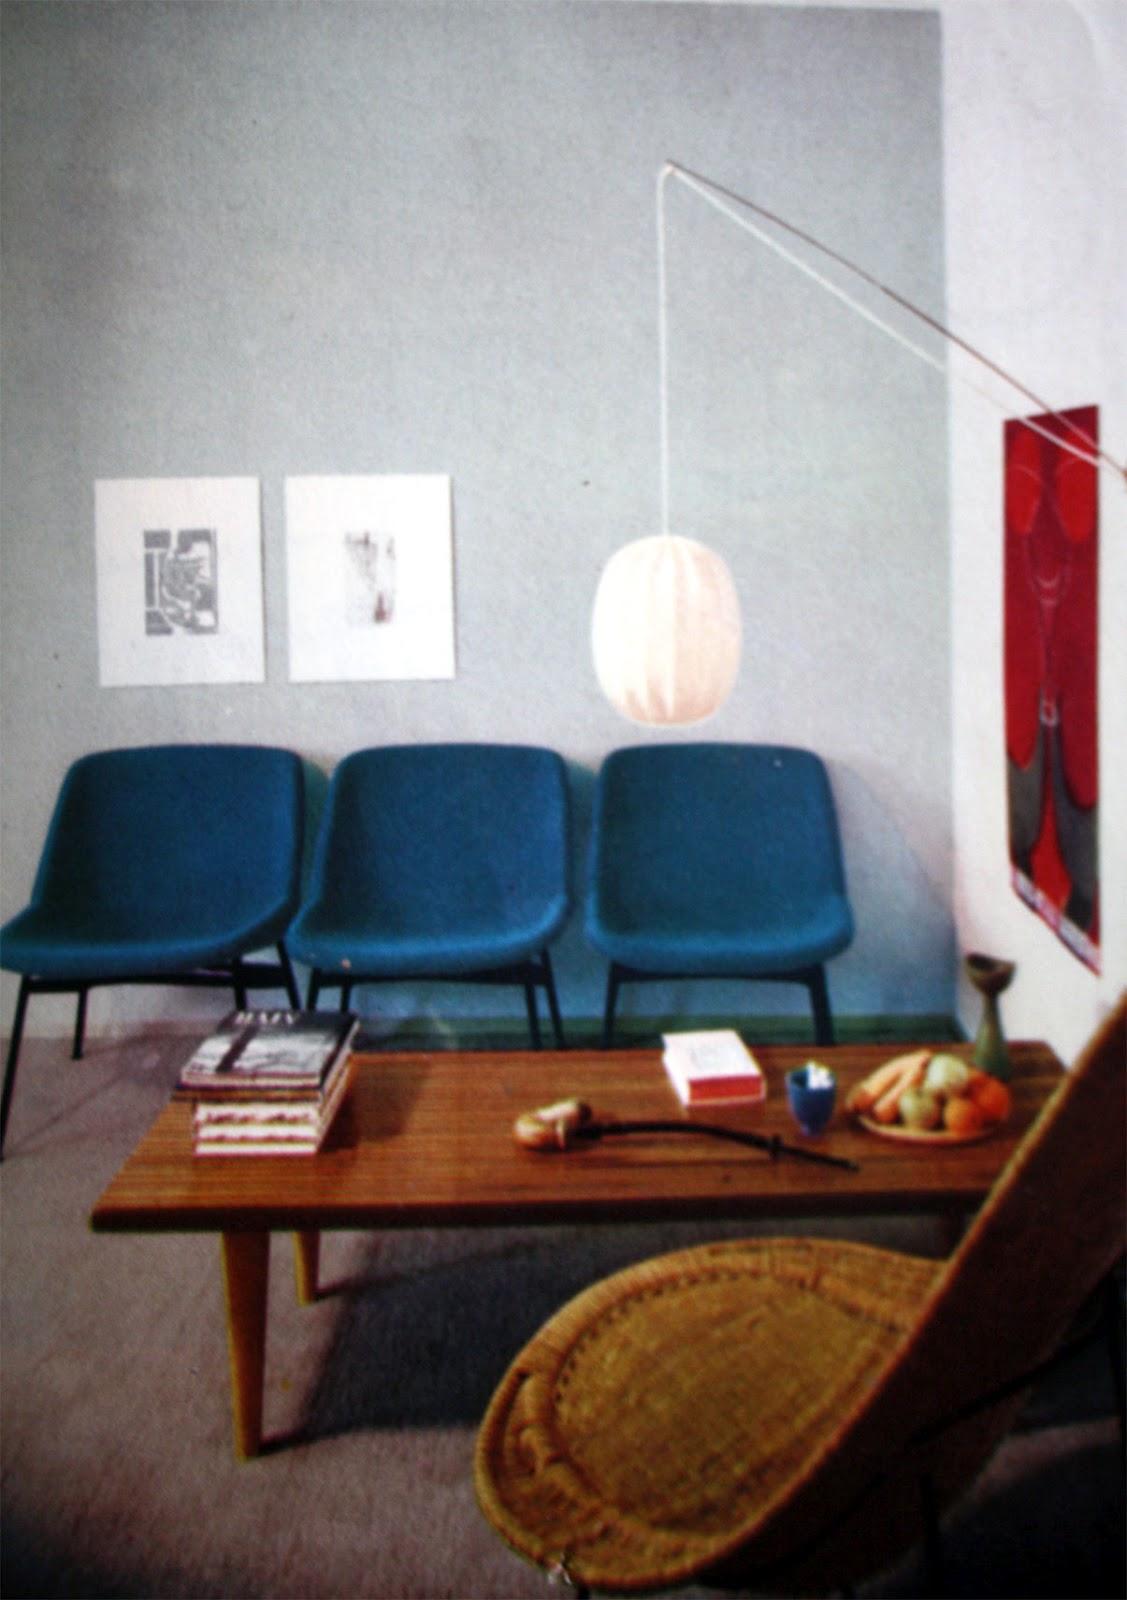 S:t Olofs Antik o Retro blogg: Lite inspiration från 50-60 talet